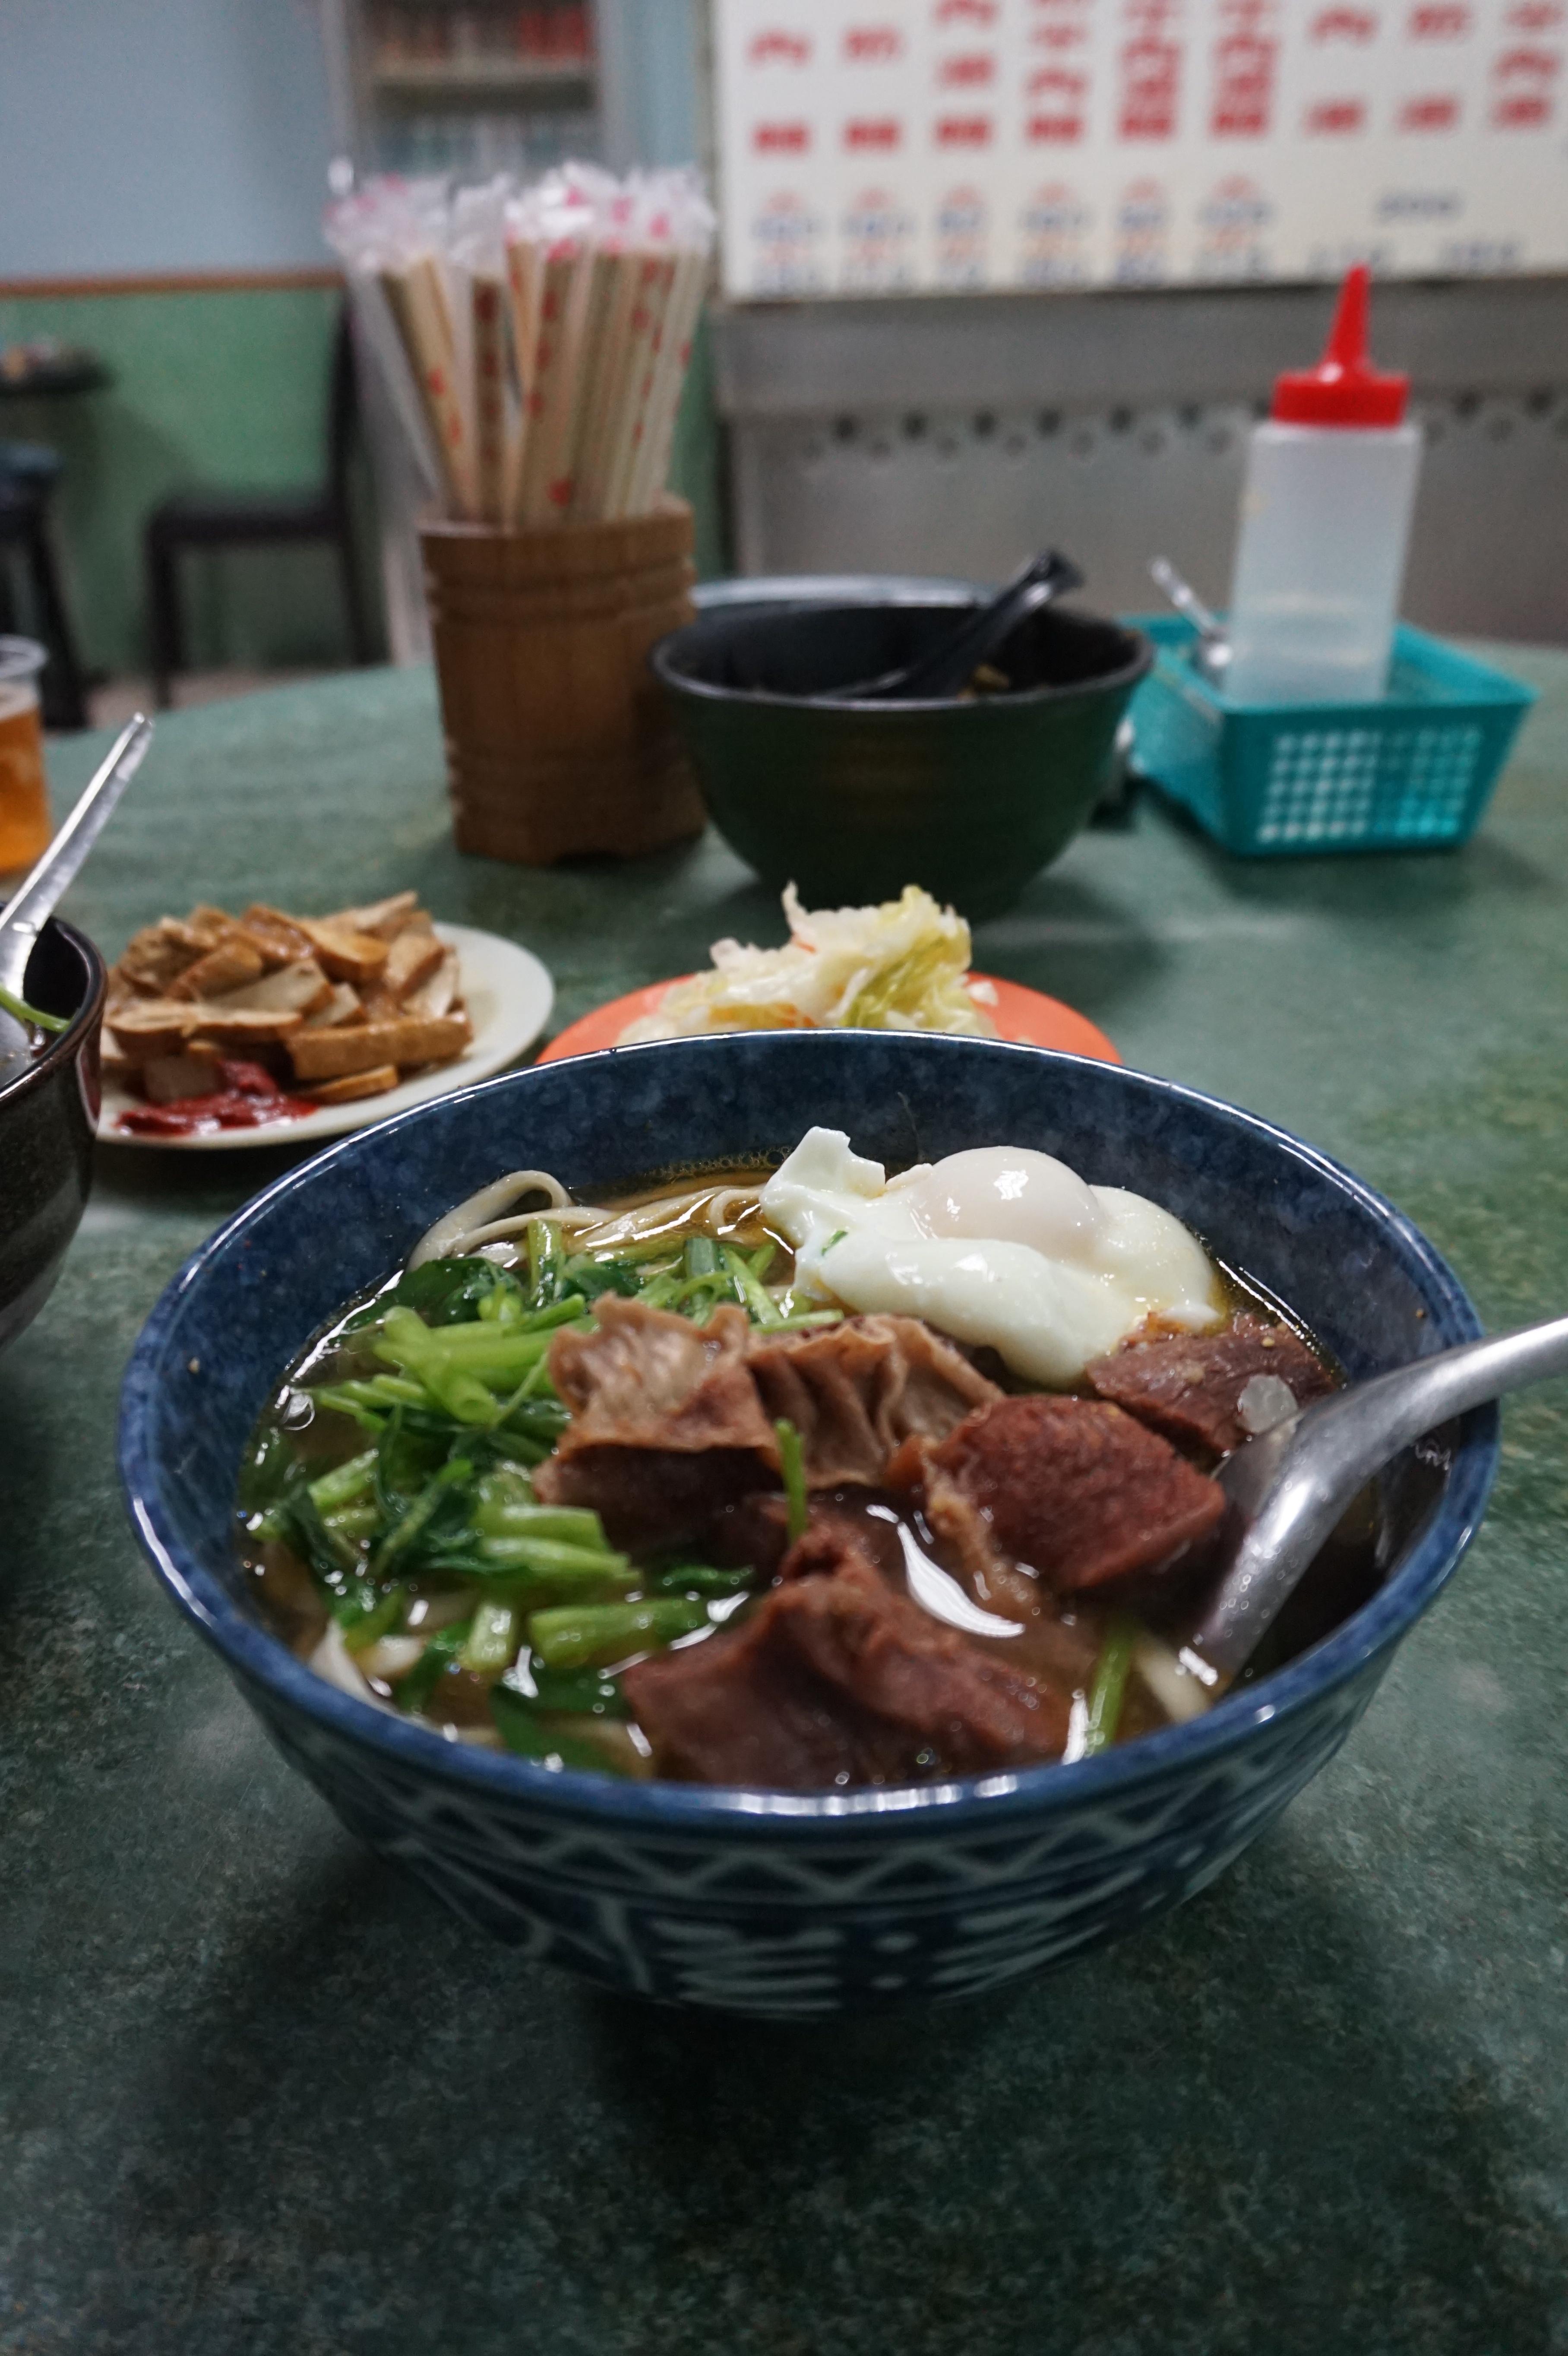 老王牛肉麵用料豐富實在,肉質軟嫩不柴。(攝影/李玟逸)